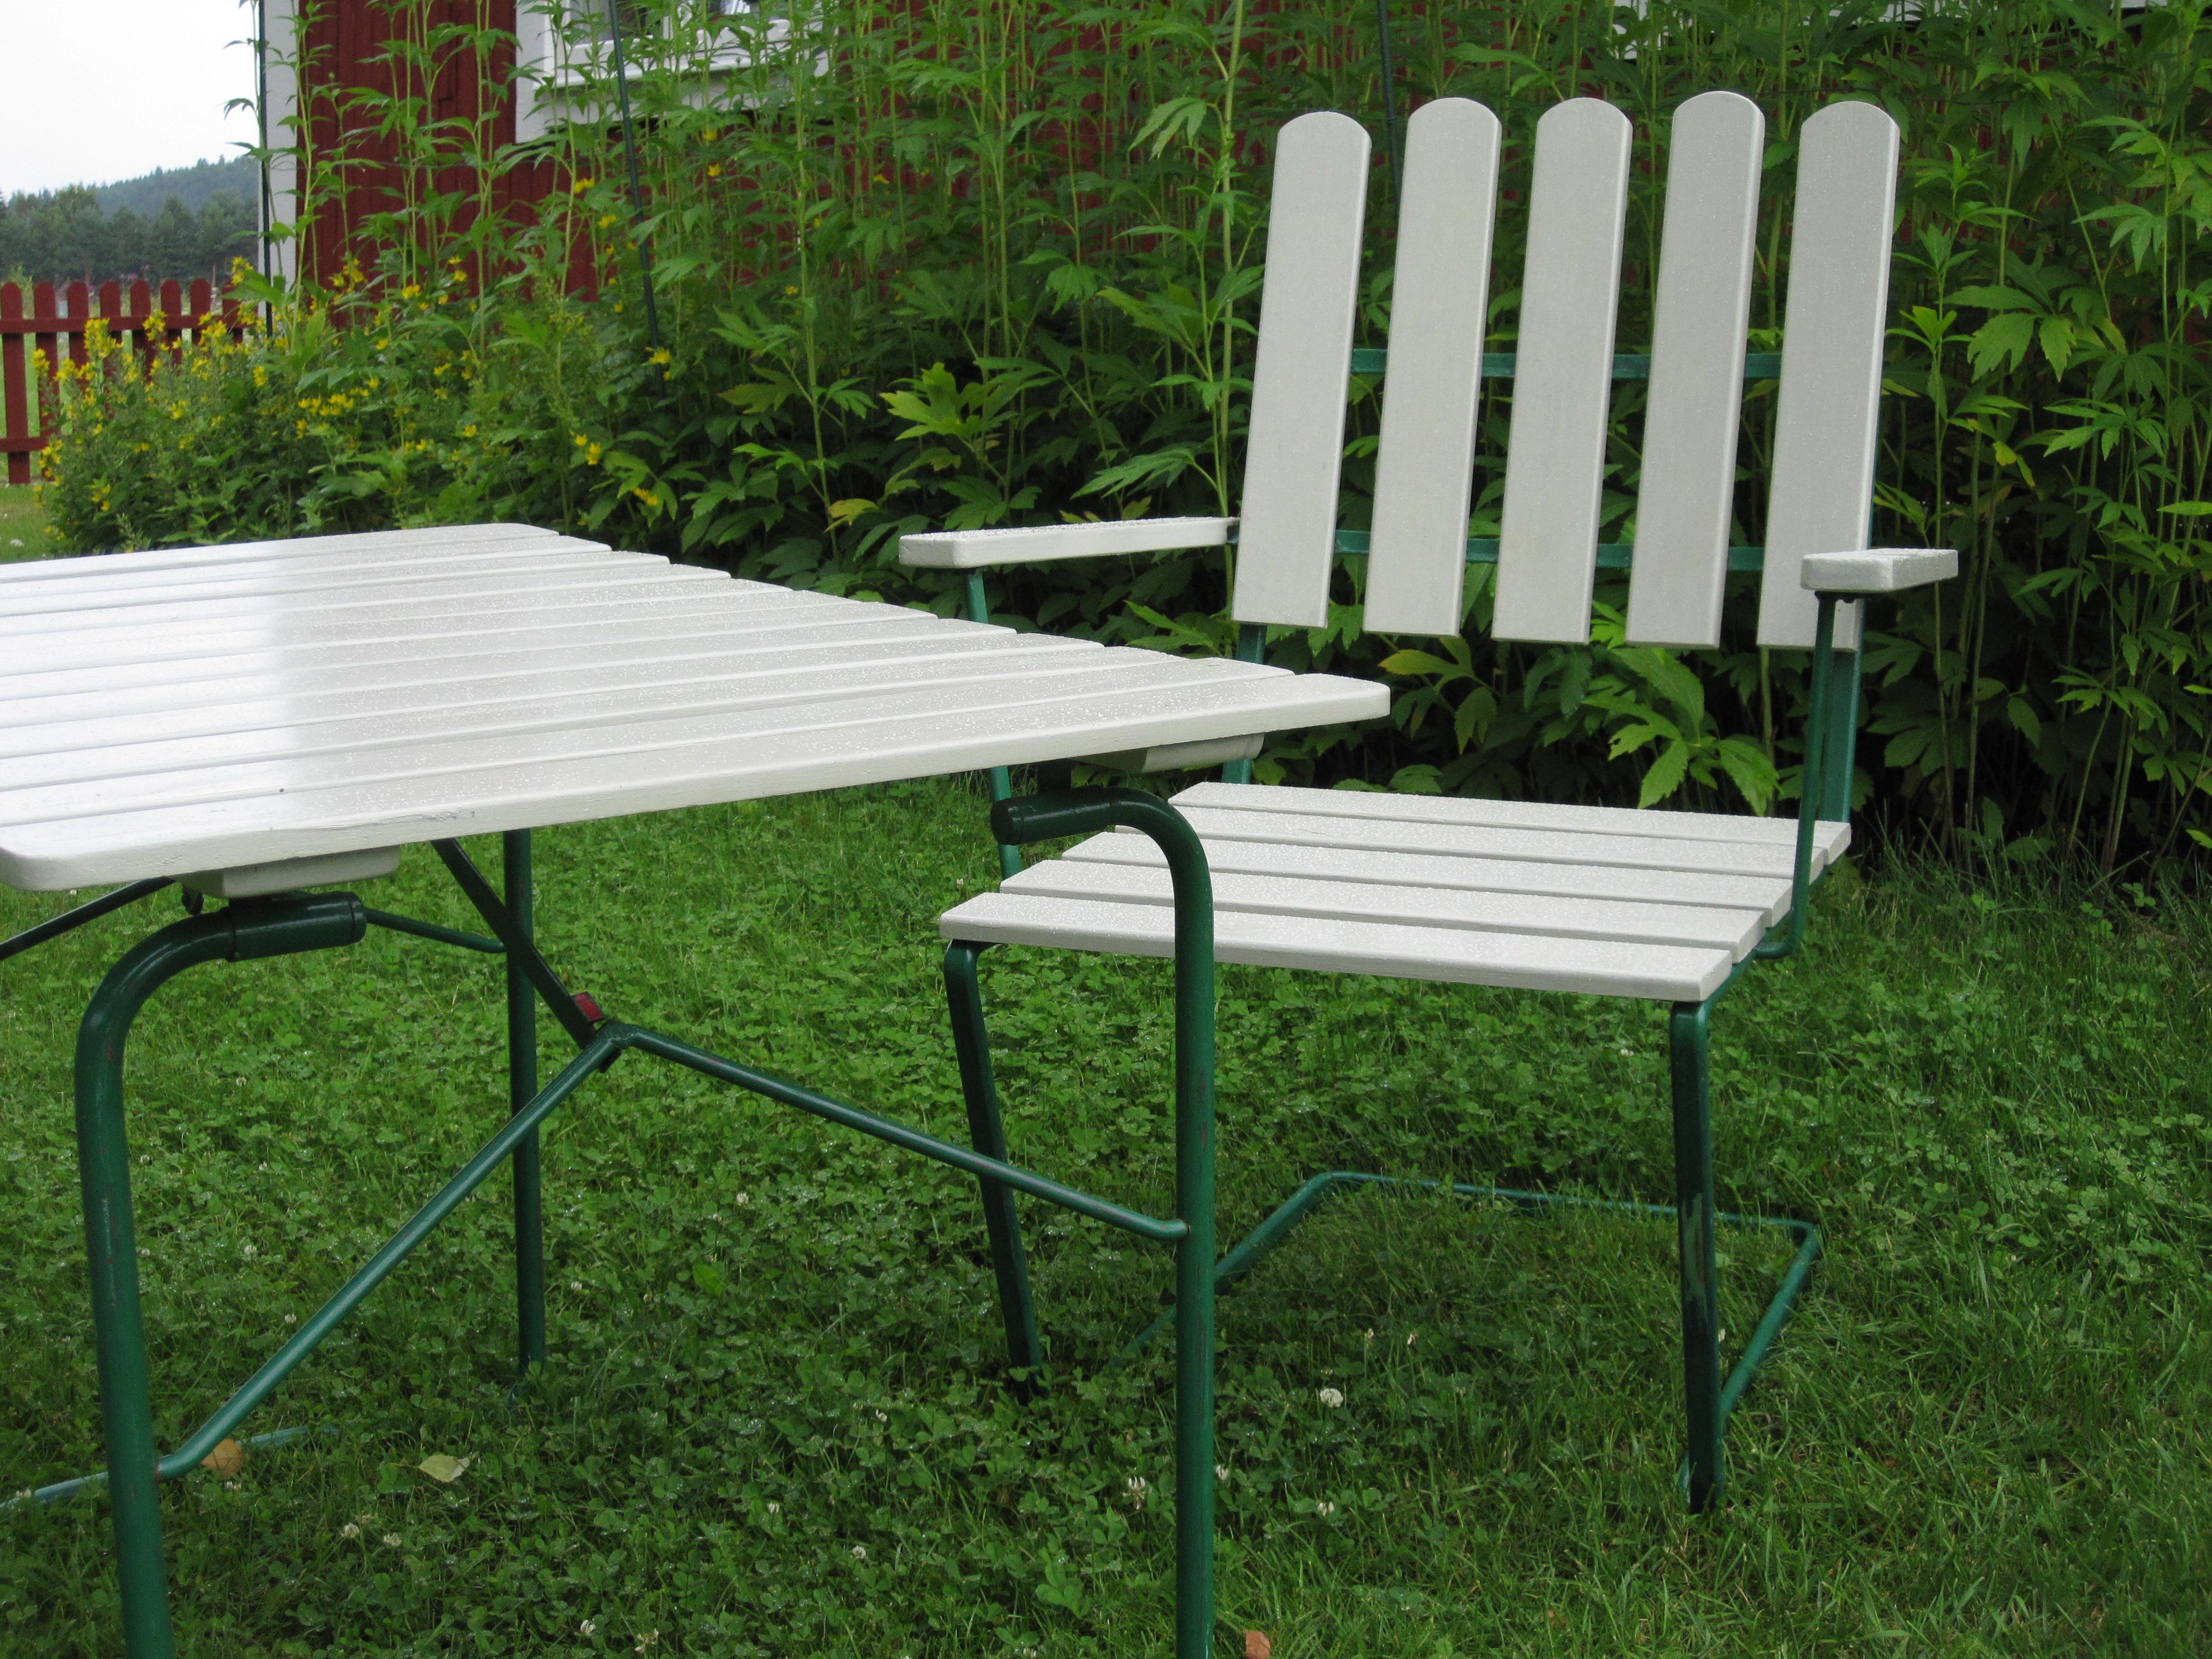 Grythyttan stol och bord